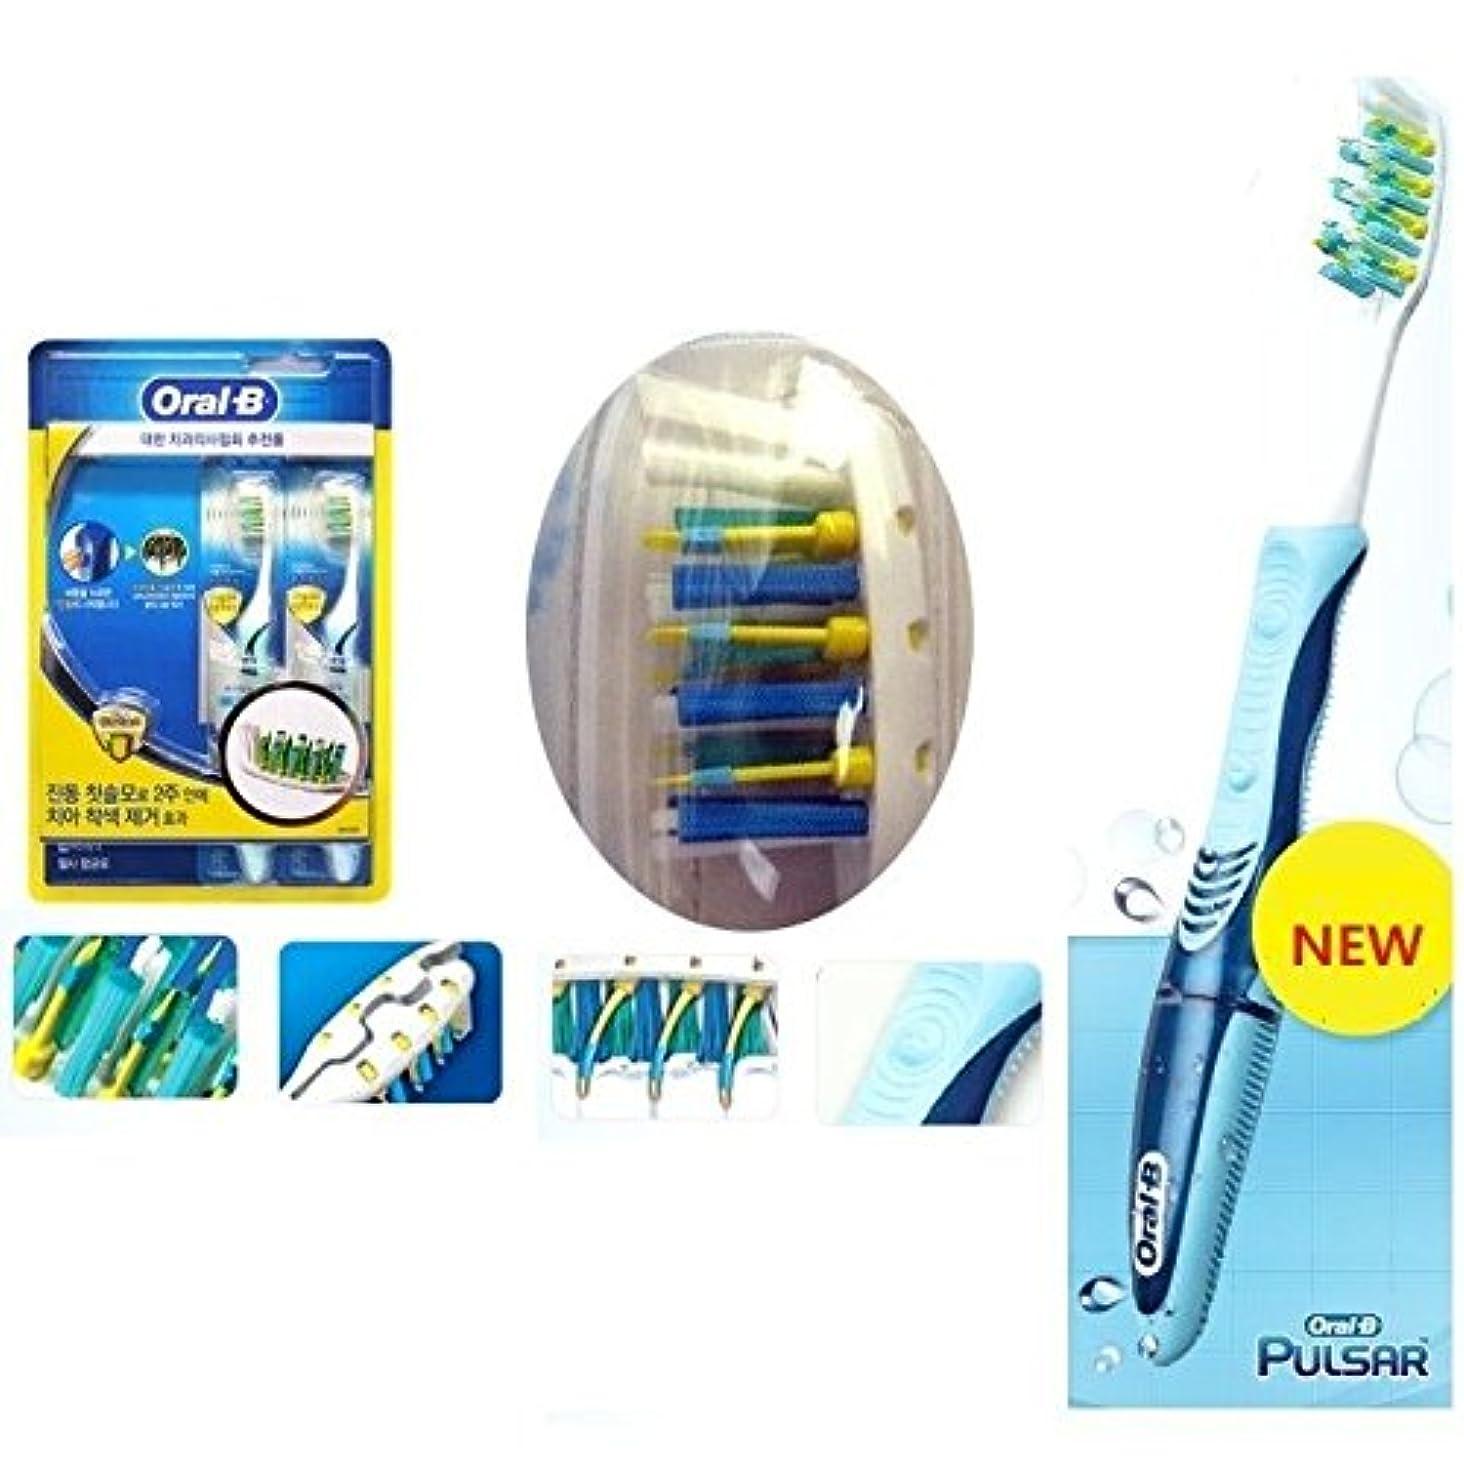 裸分割剪断Braun Oral-B 2枚組パルサー歯ブラシミディアム35ソフトブラウン 35S 2枚組 [並行輸入品]